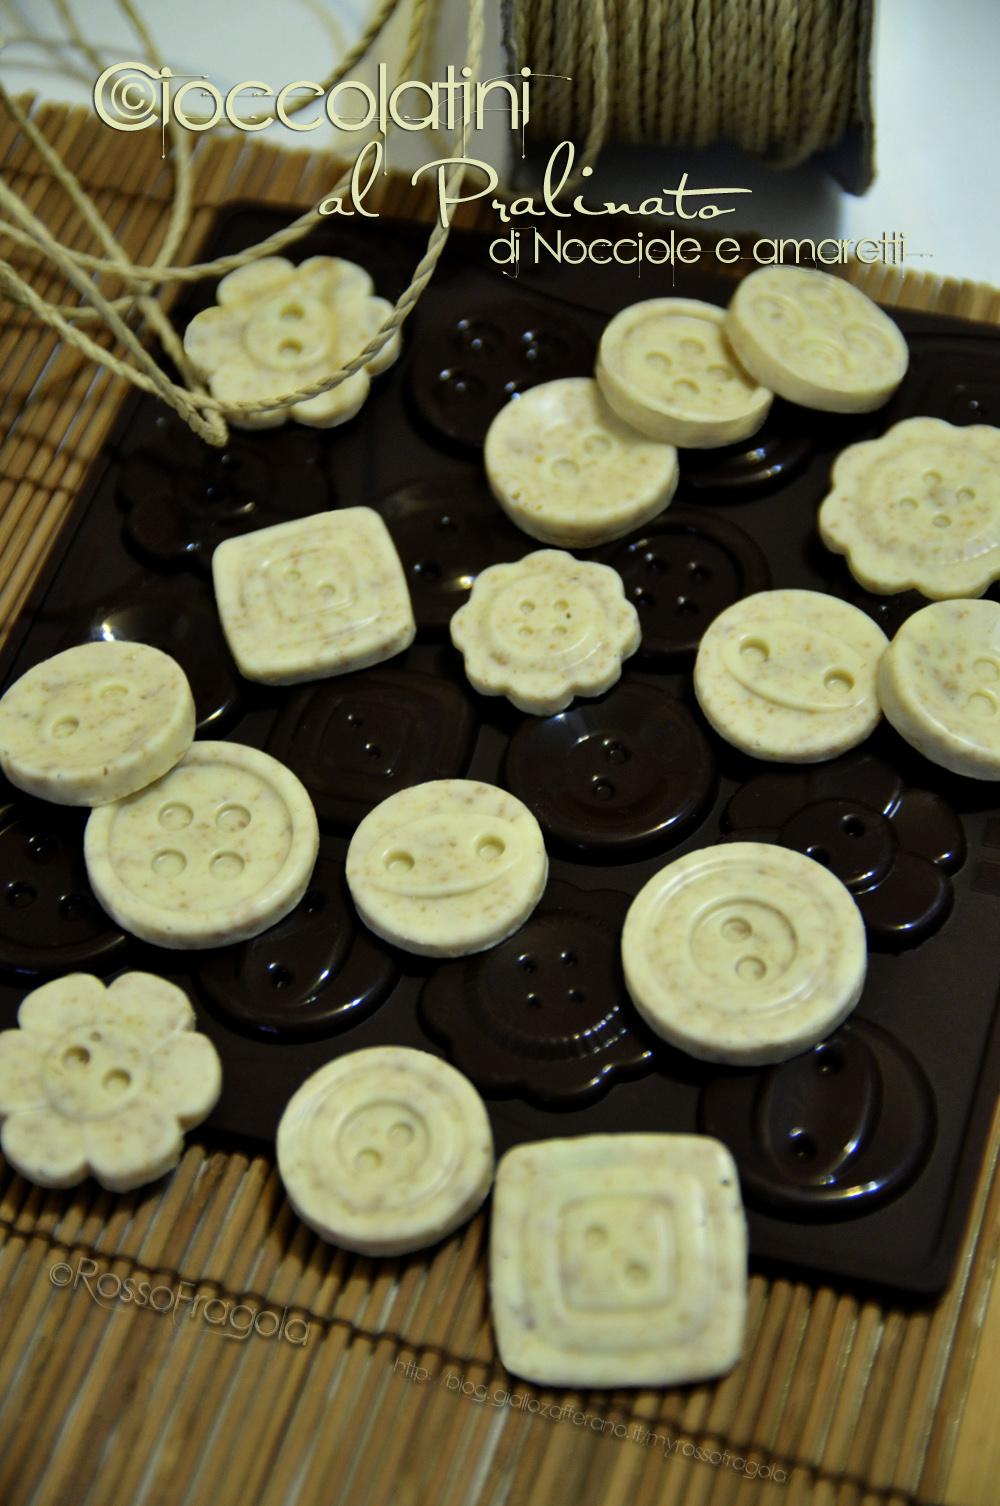 Cioccolatini al pralinato - Gli Attaccabottoni